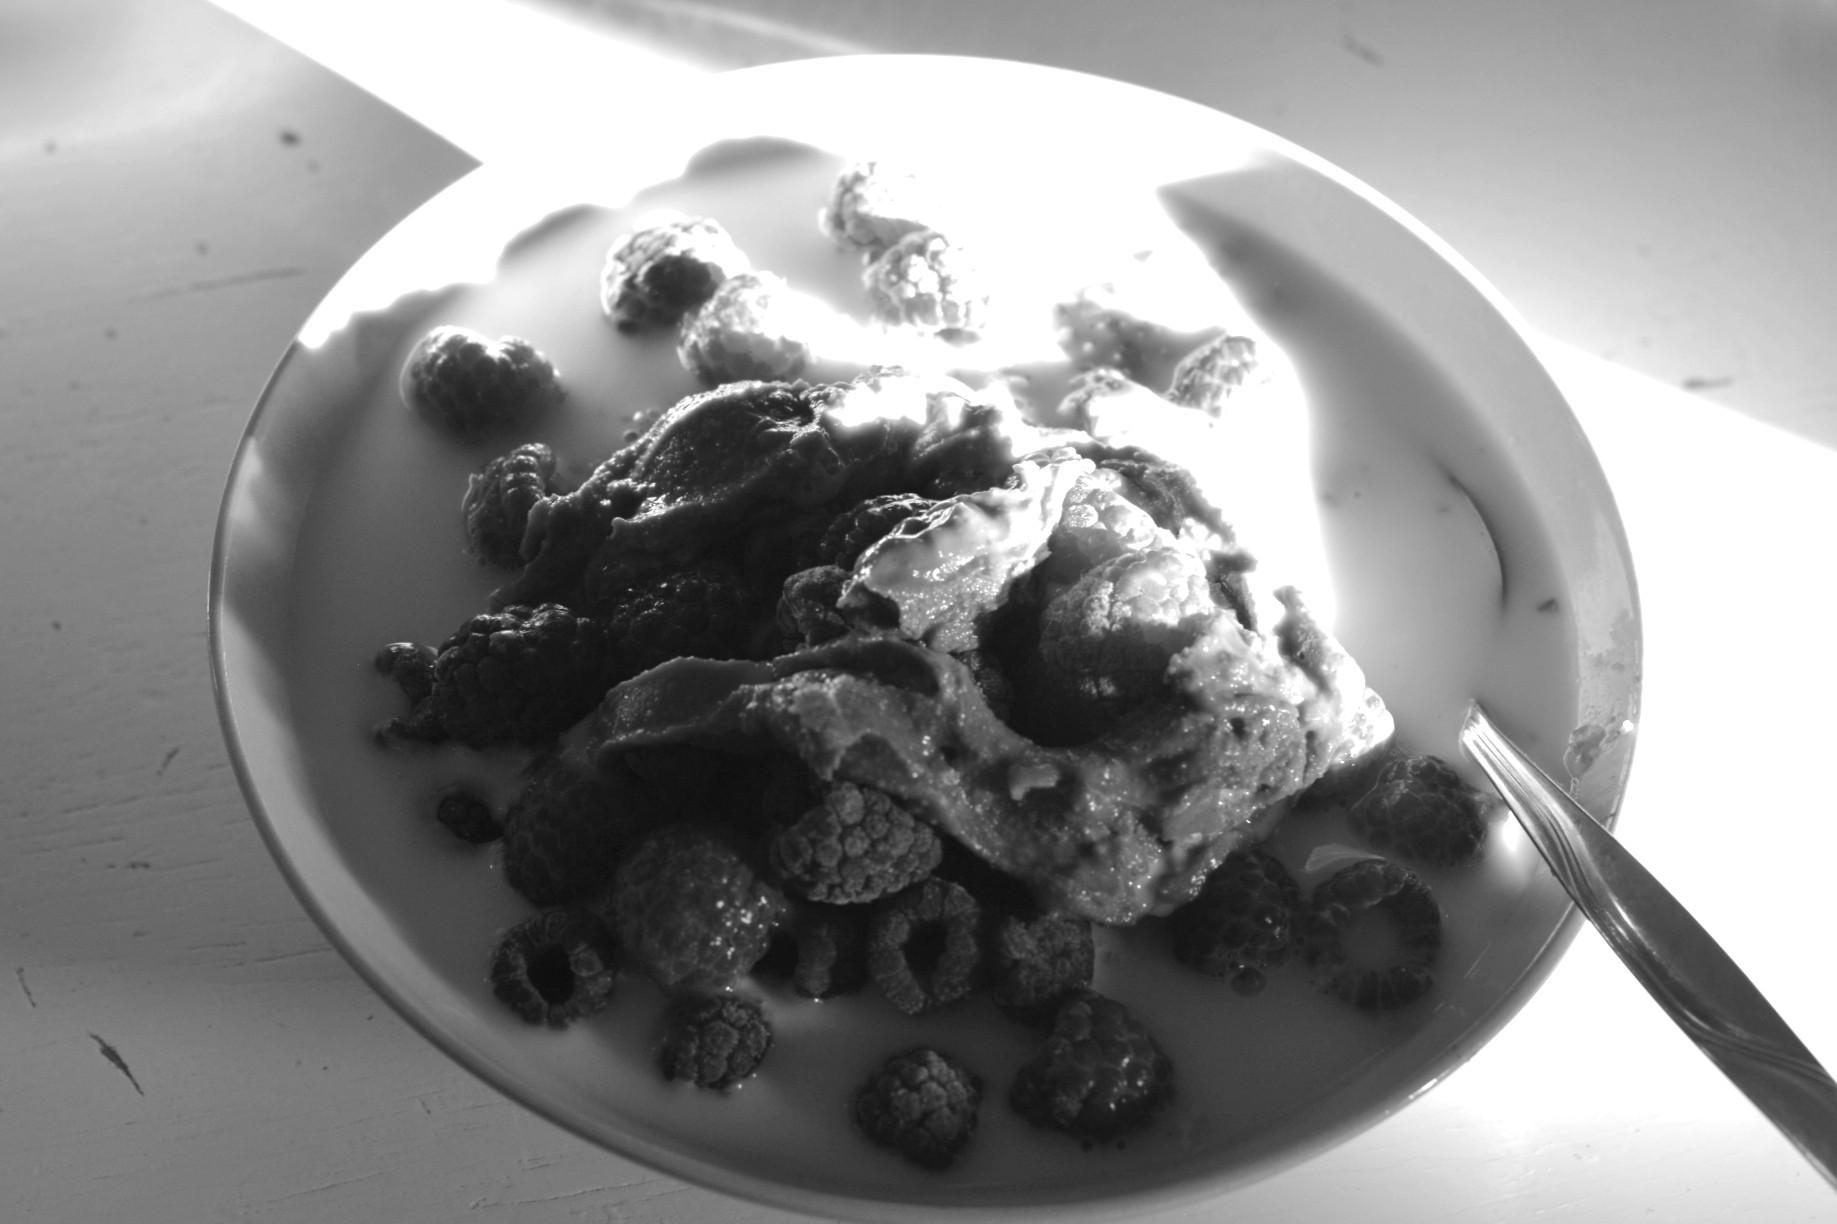 Havregrynsgröt med frysta hallon, mjölk och jordnötssmör. Svartvit bild.